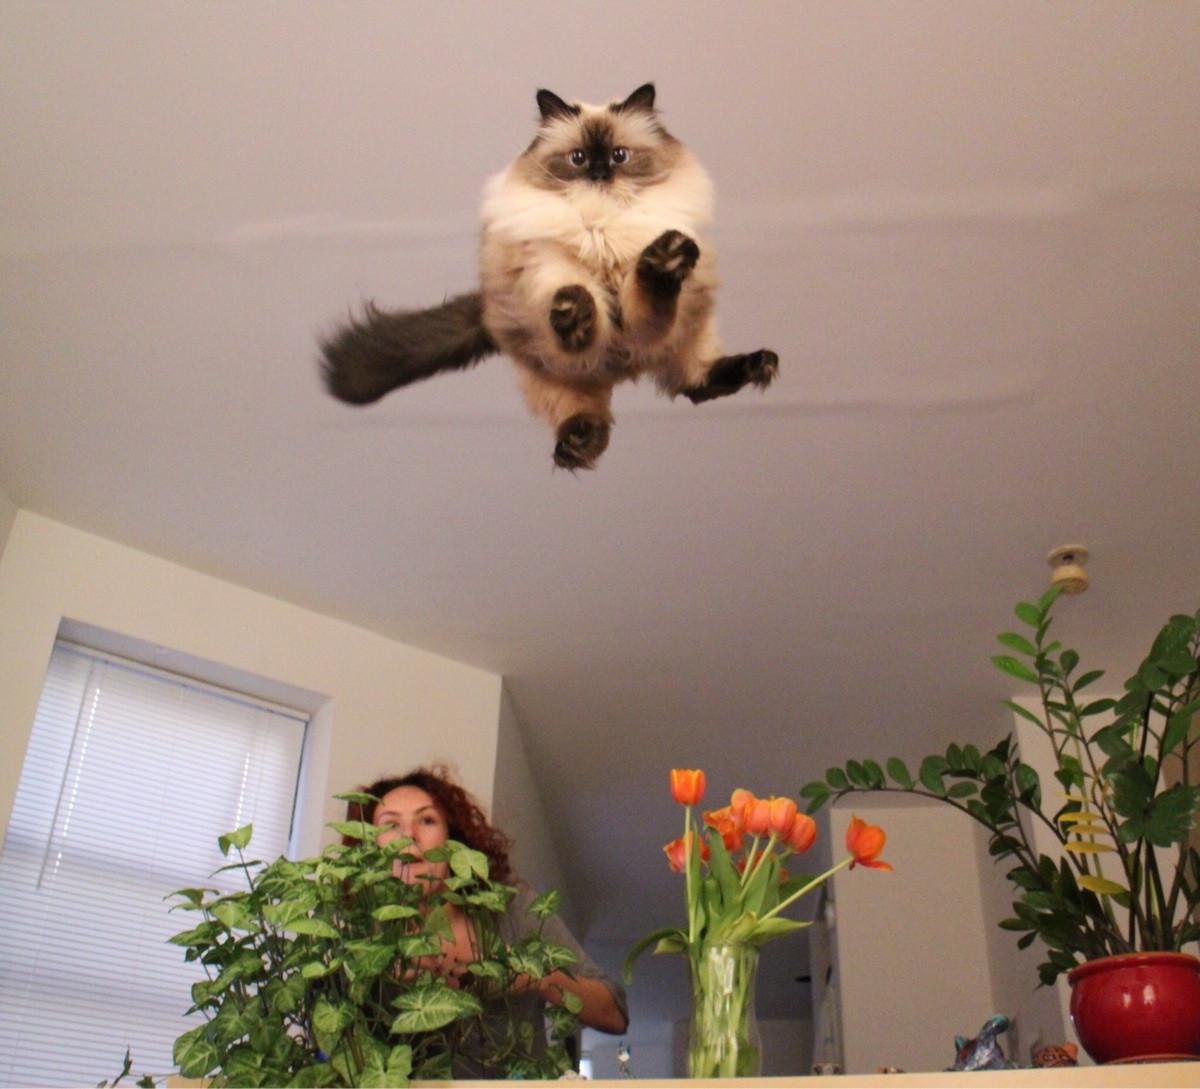 jumping-cat-meme-1